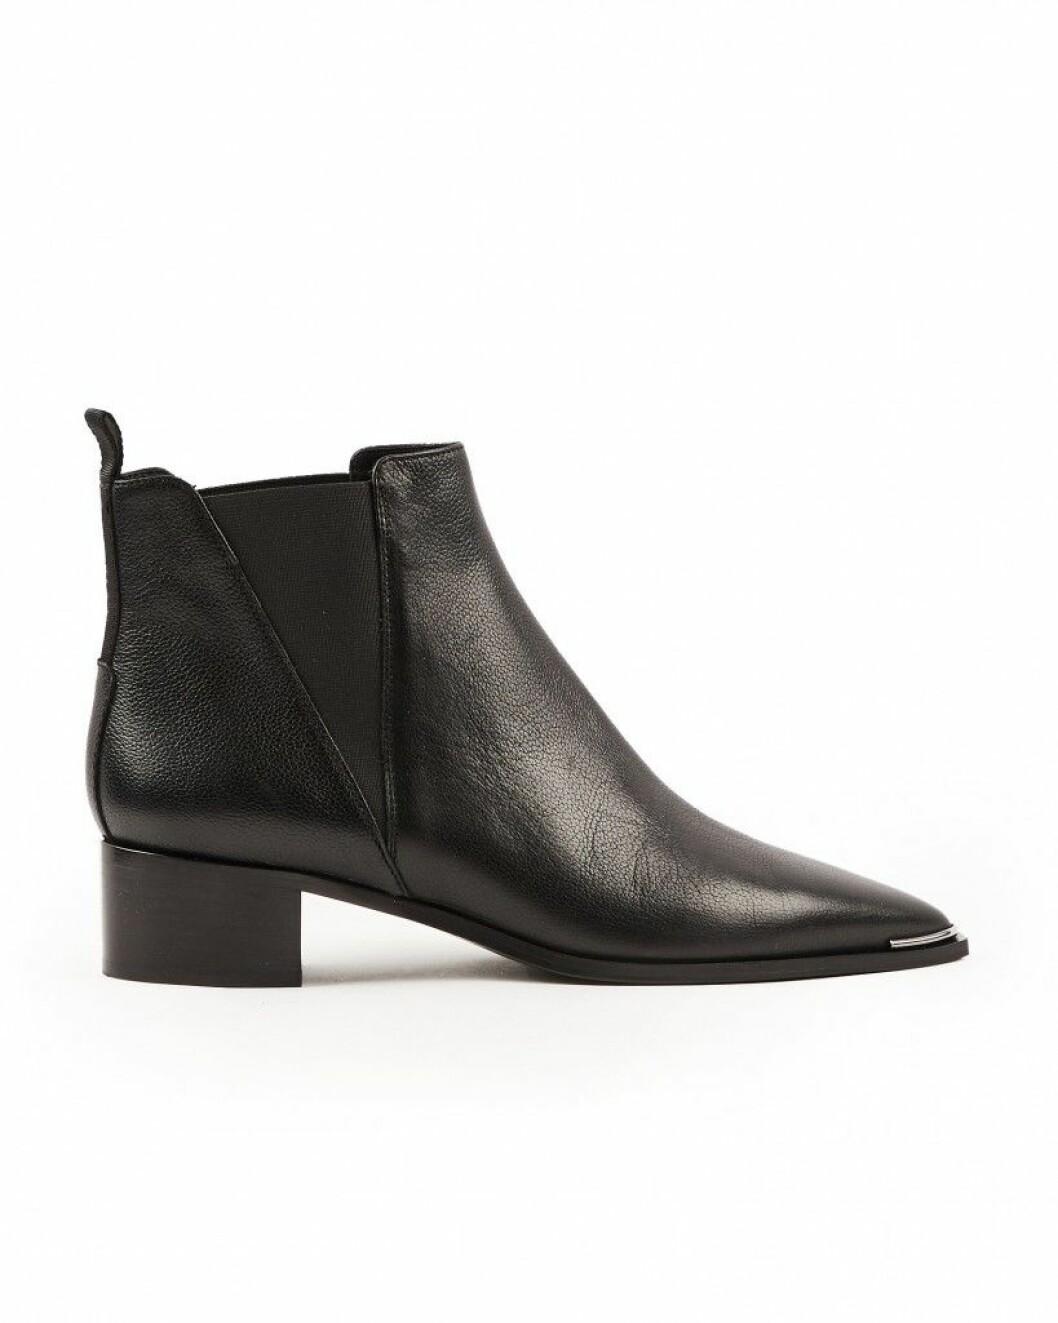 Klassiska boots i läder med låg klack och spetsig tå från Acne Studios via Wakakuu.